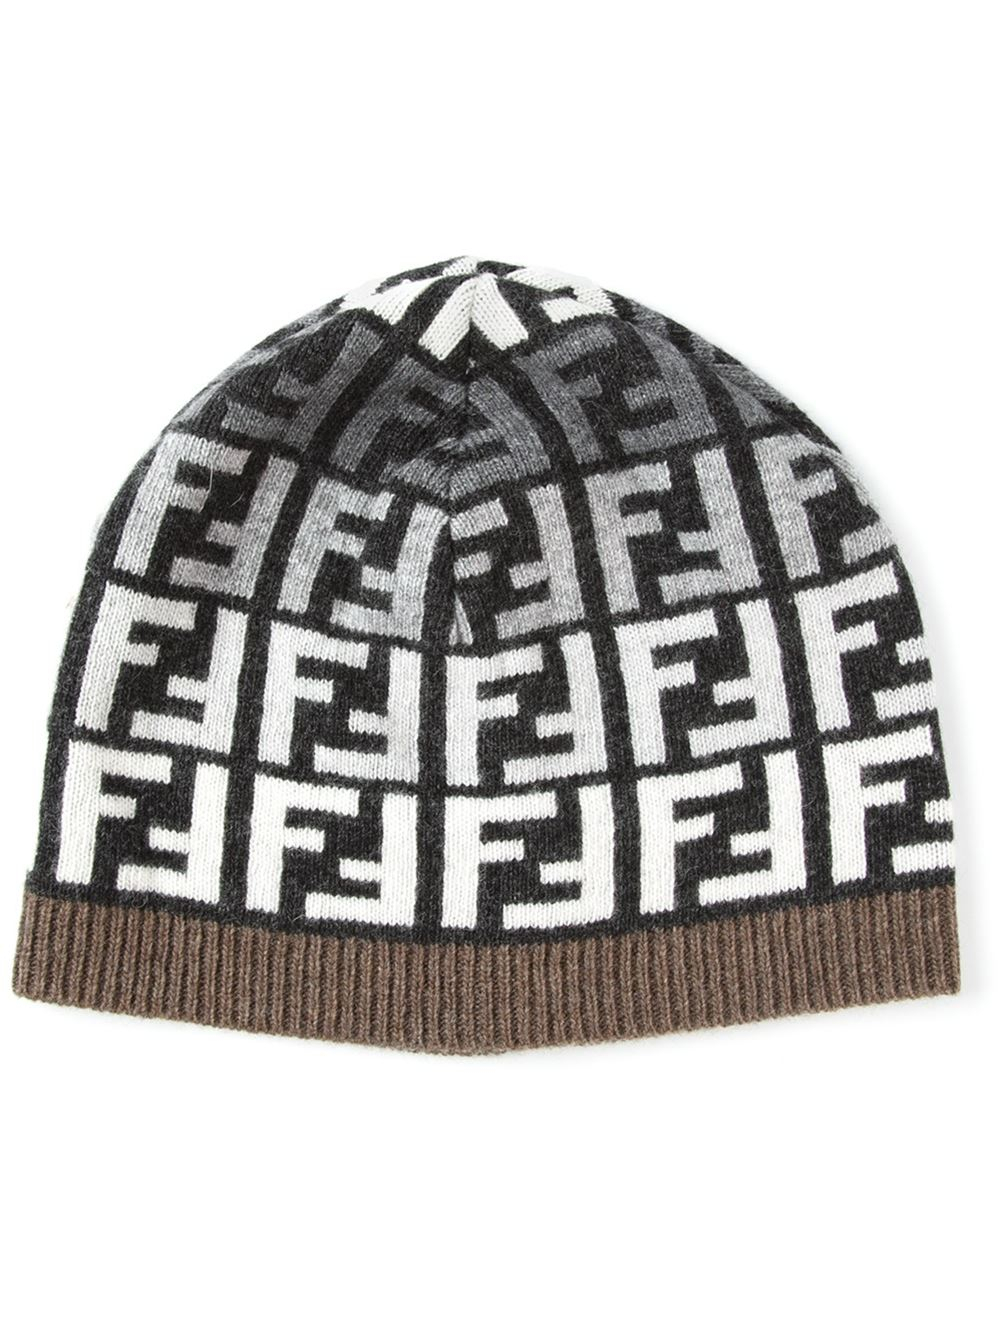 Fendi Ff Logo Beanie in Gray for Men - Lyst 70b377406622